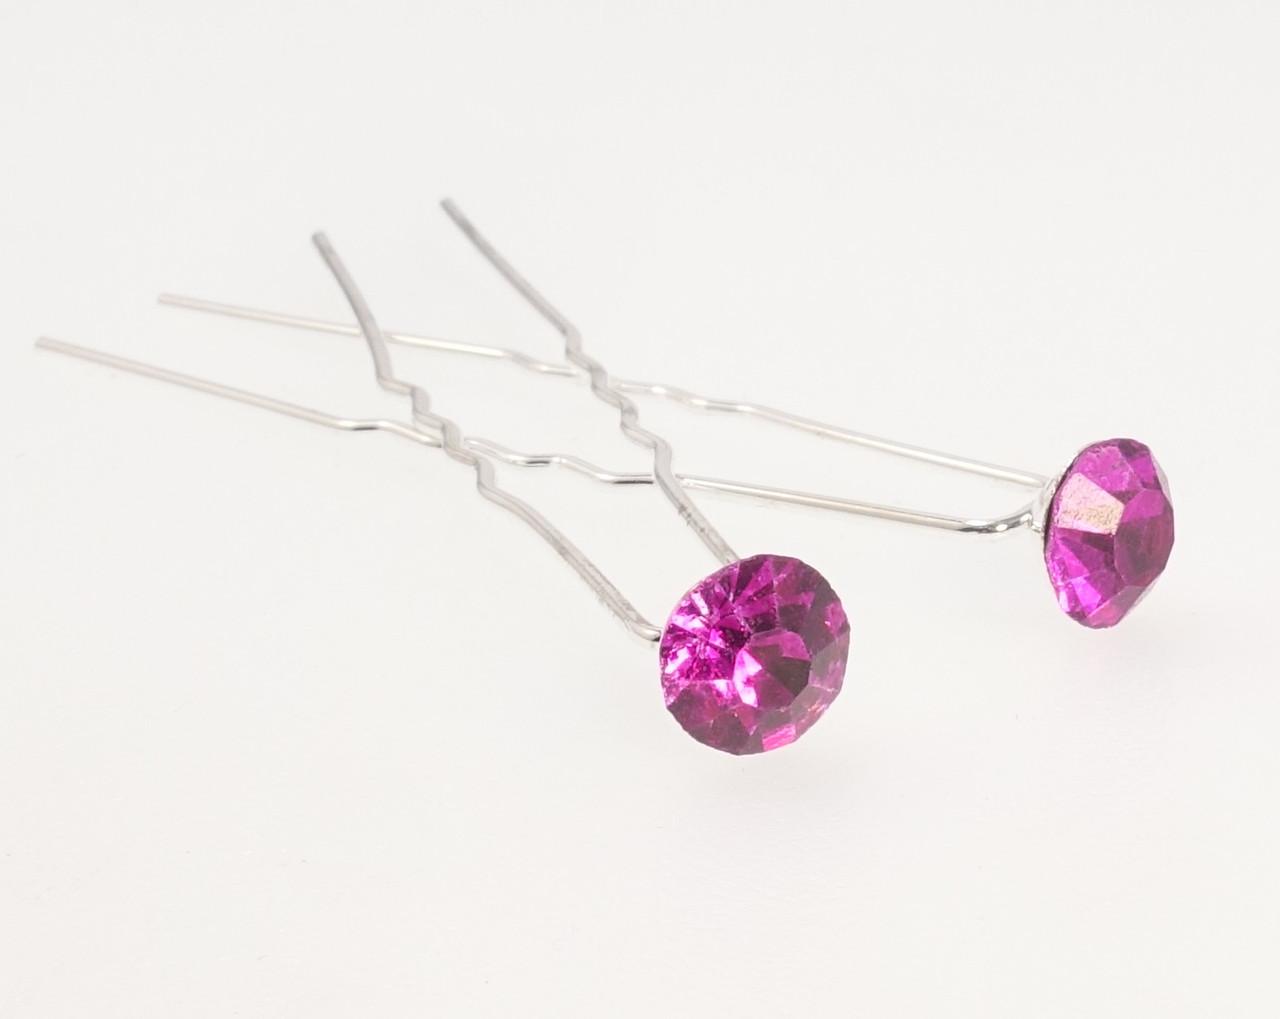 """Шпилька для волос """"Малиновый кристалл на шпильке"""" ø 8мм (цена за одну штуку)"""